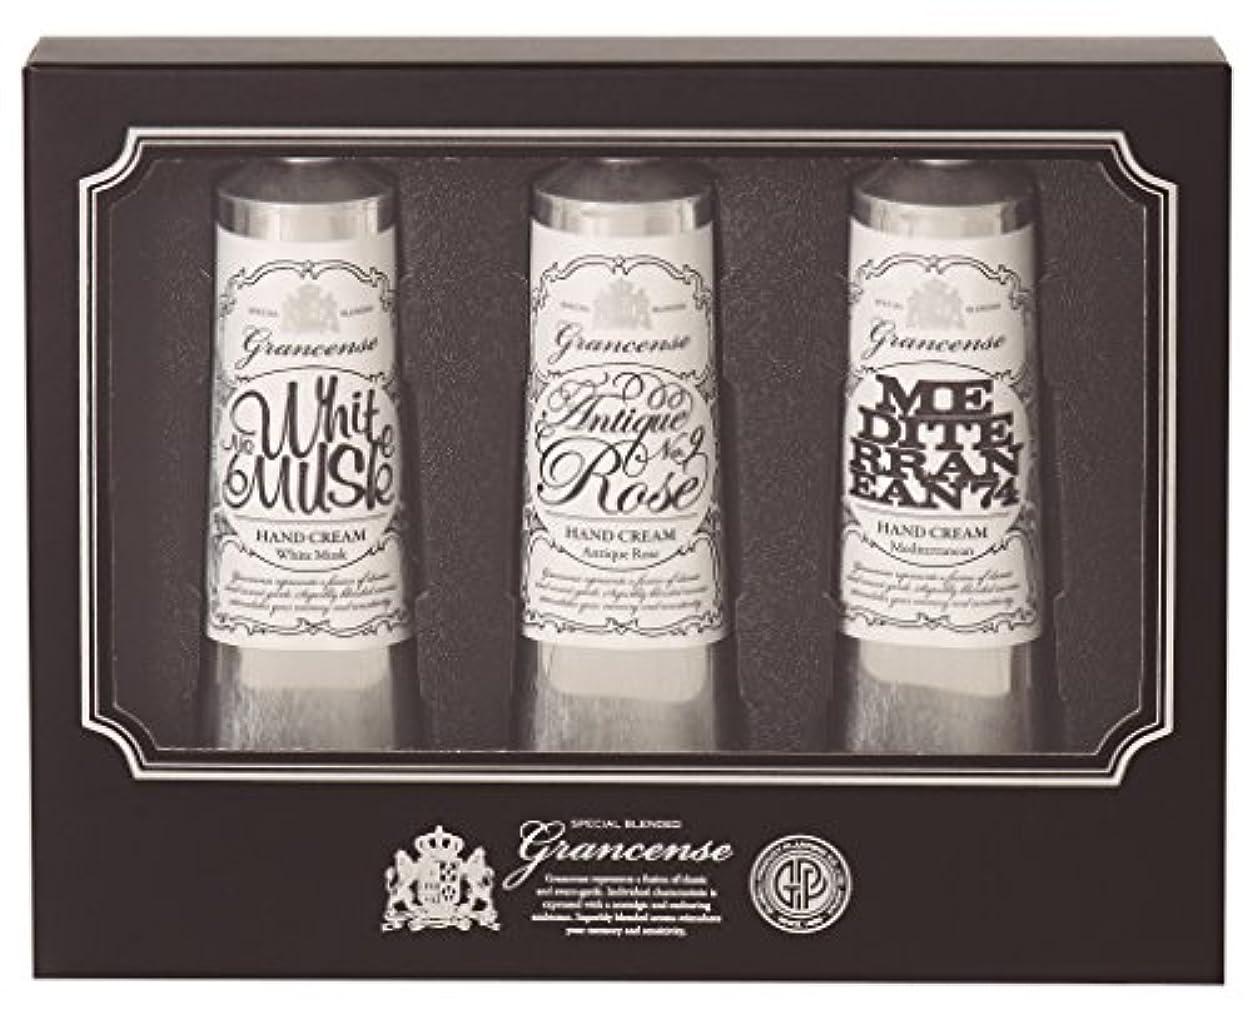 コカイン区別する抹消グランセンス ハンドクリーム 40g×3個セット(手肌用保湿 シアバター配合 日本製 贈答品 箱入り ホワイトムスク&アンティークローズ&メディテレーニアン)